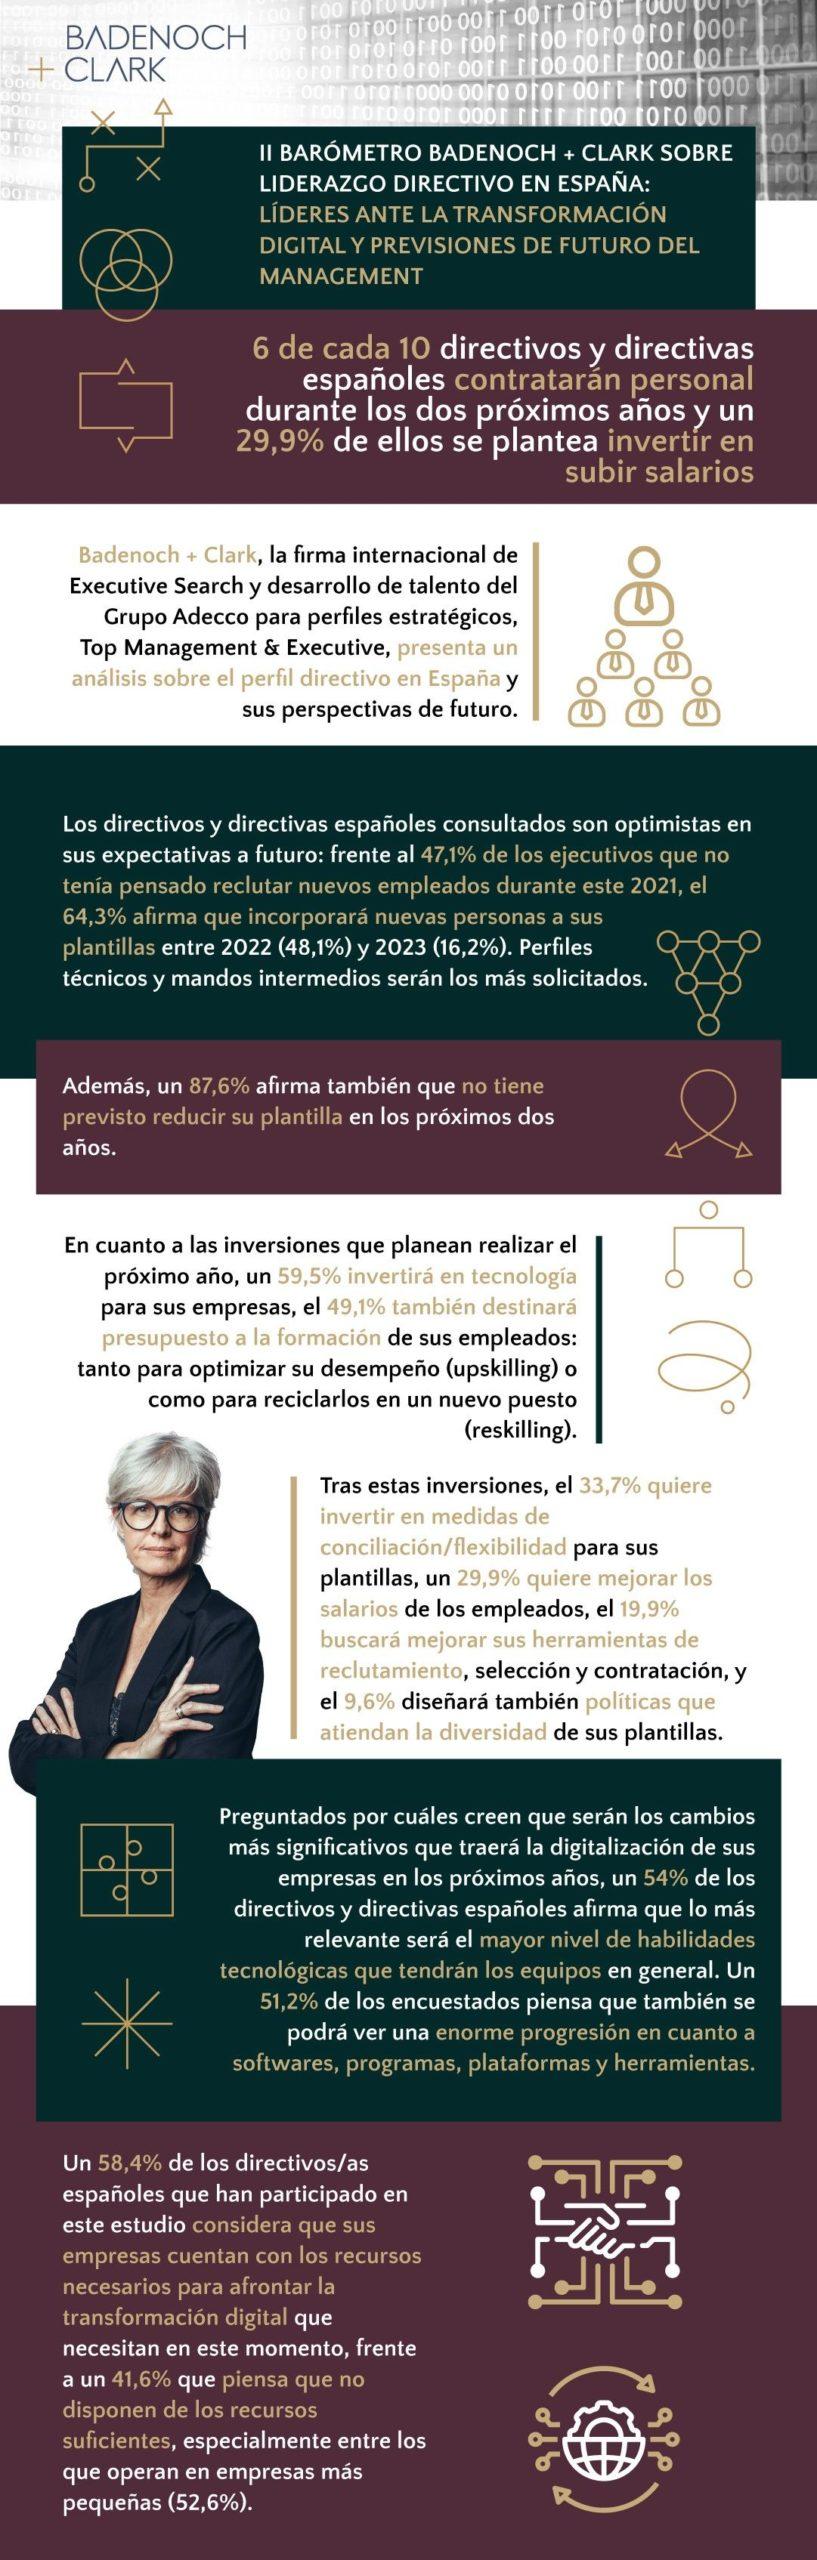 6 de cada 10 directivos y directivas españoles contratarán personal durante los dos próximos años